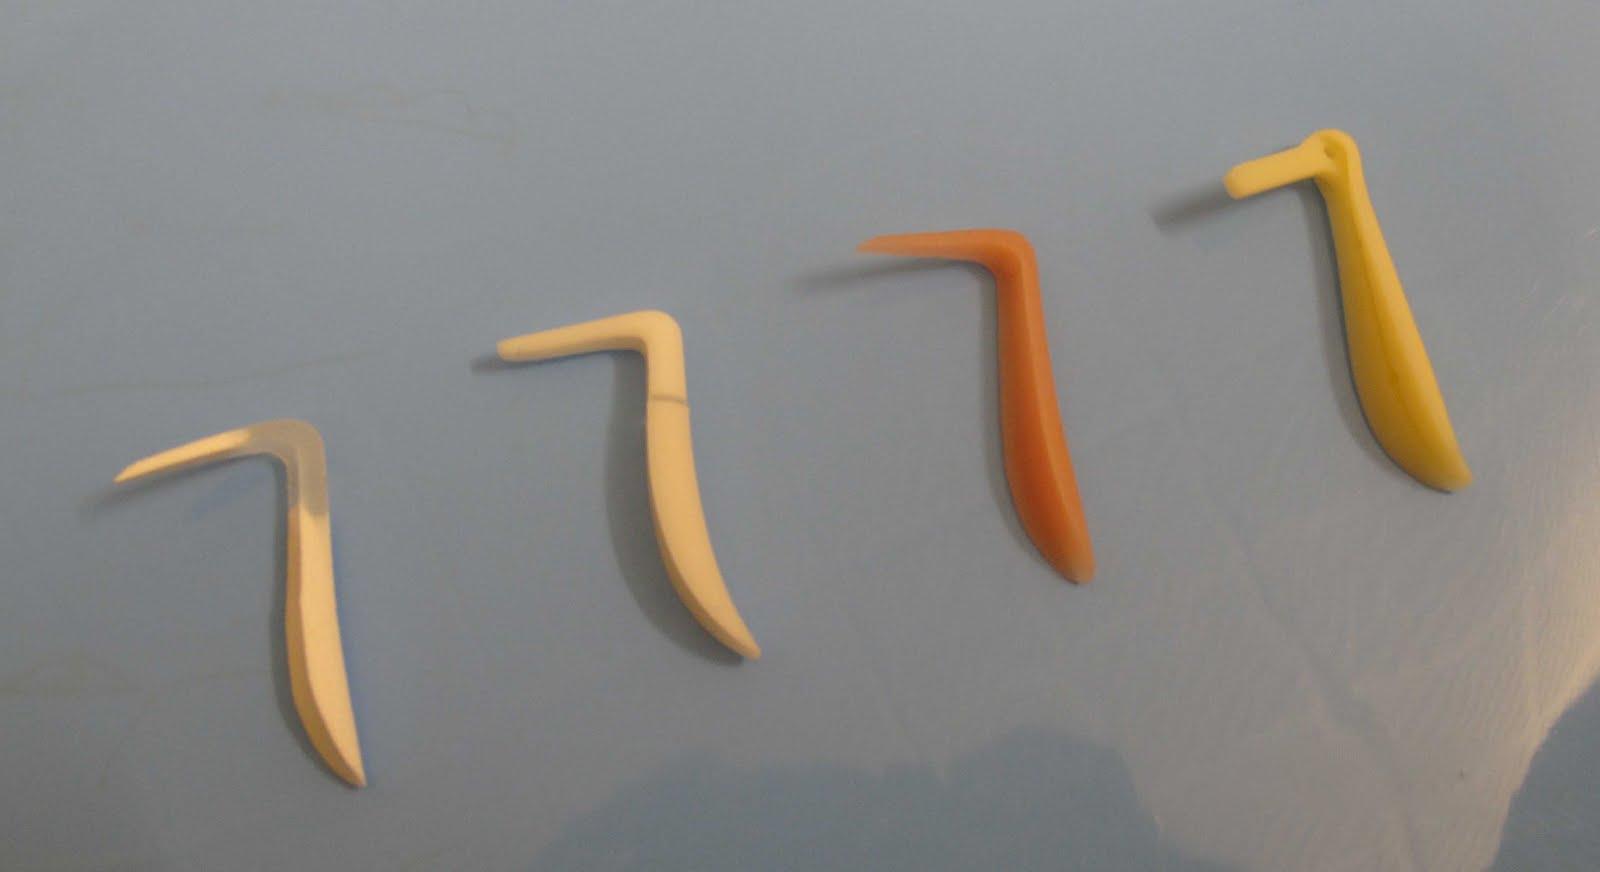 Sụn nhân tạo được dùng chủ yếu để làm cao sống mũi